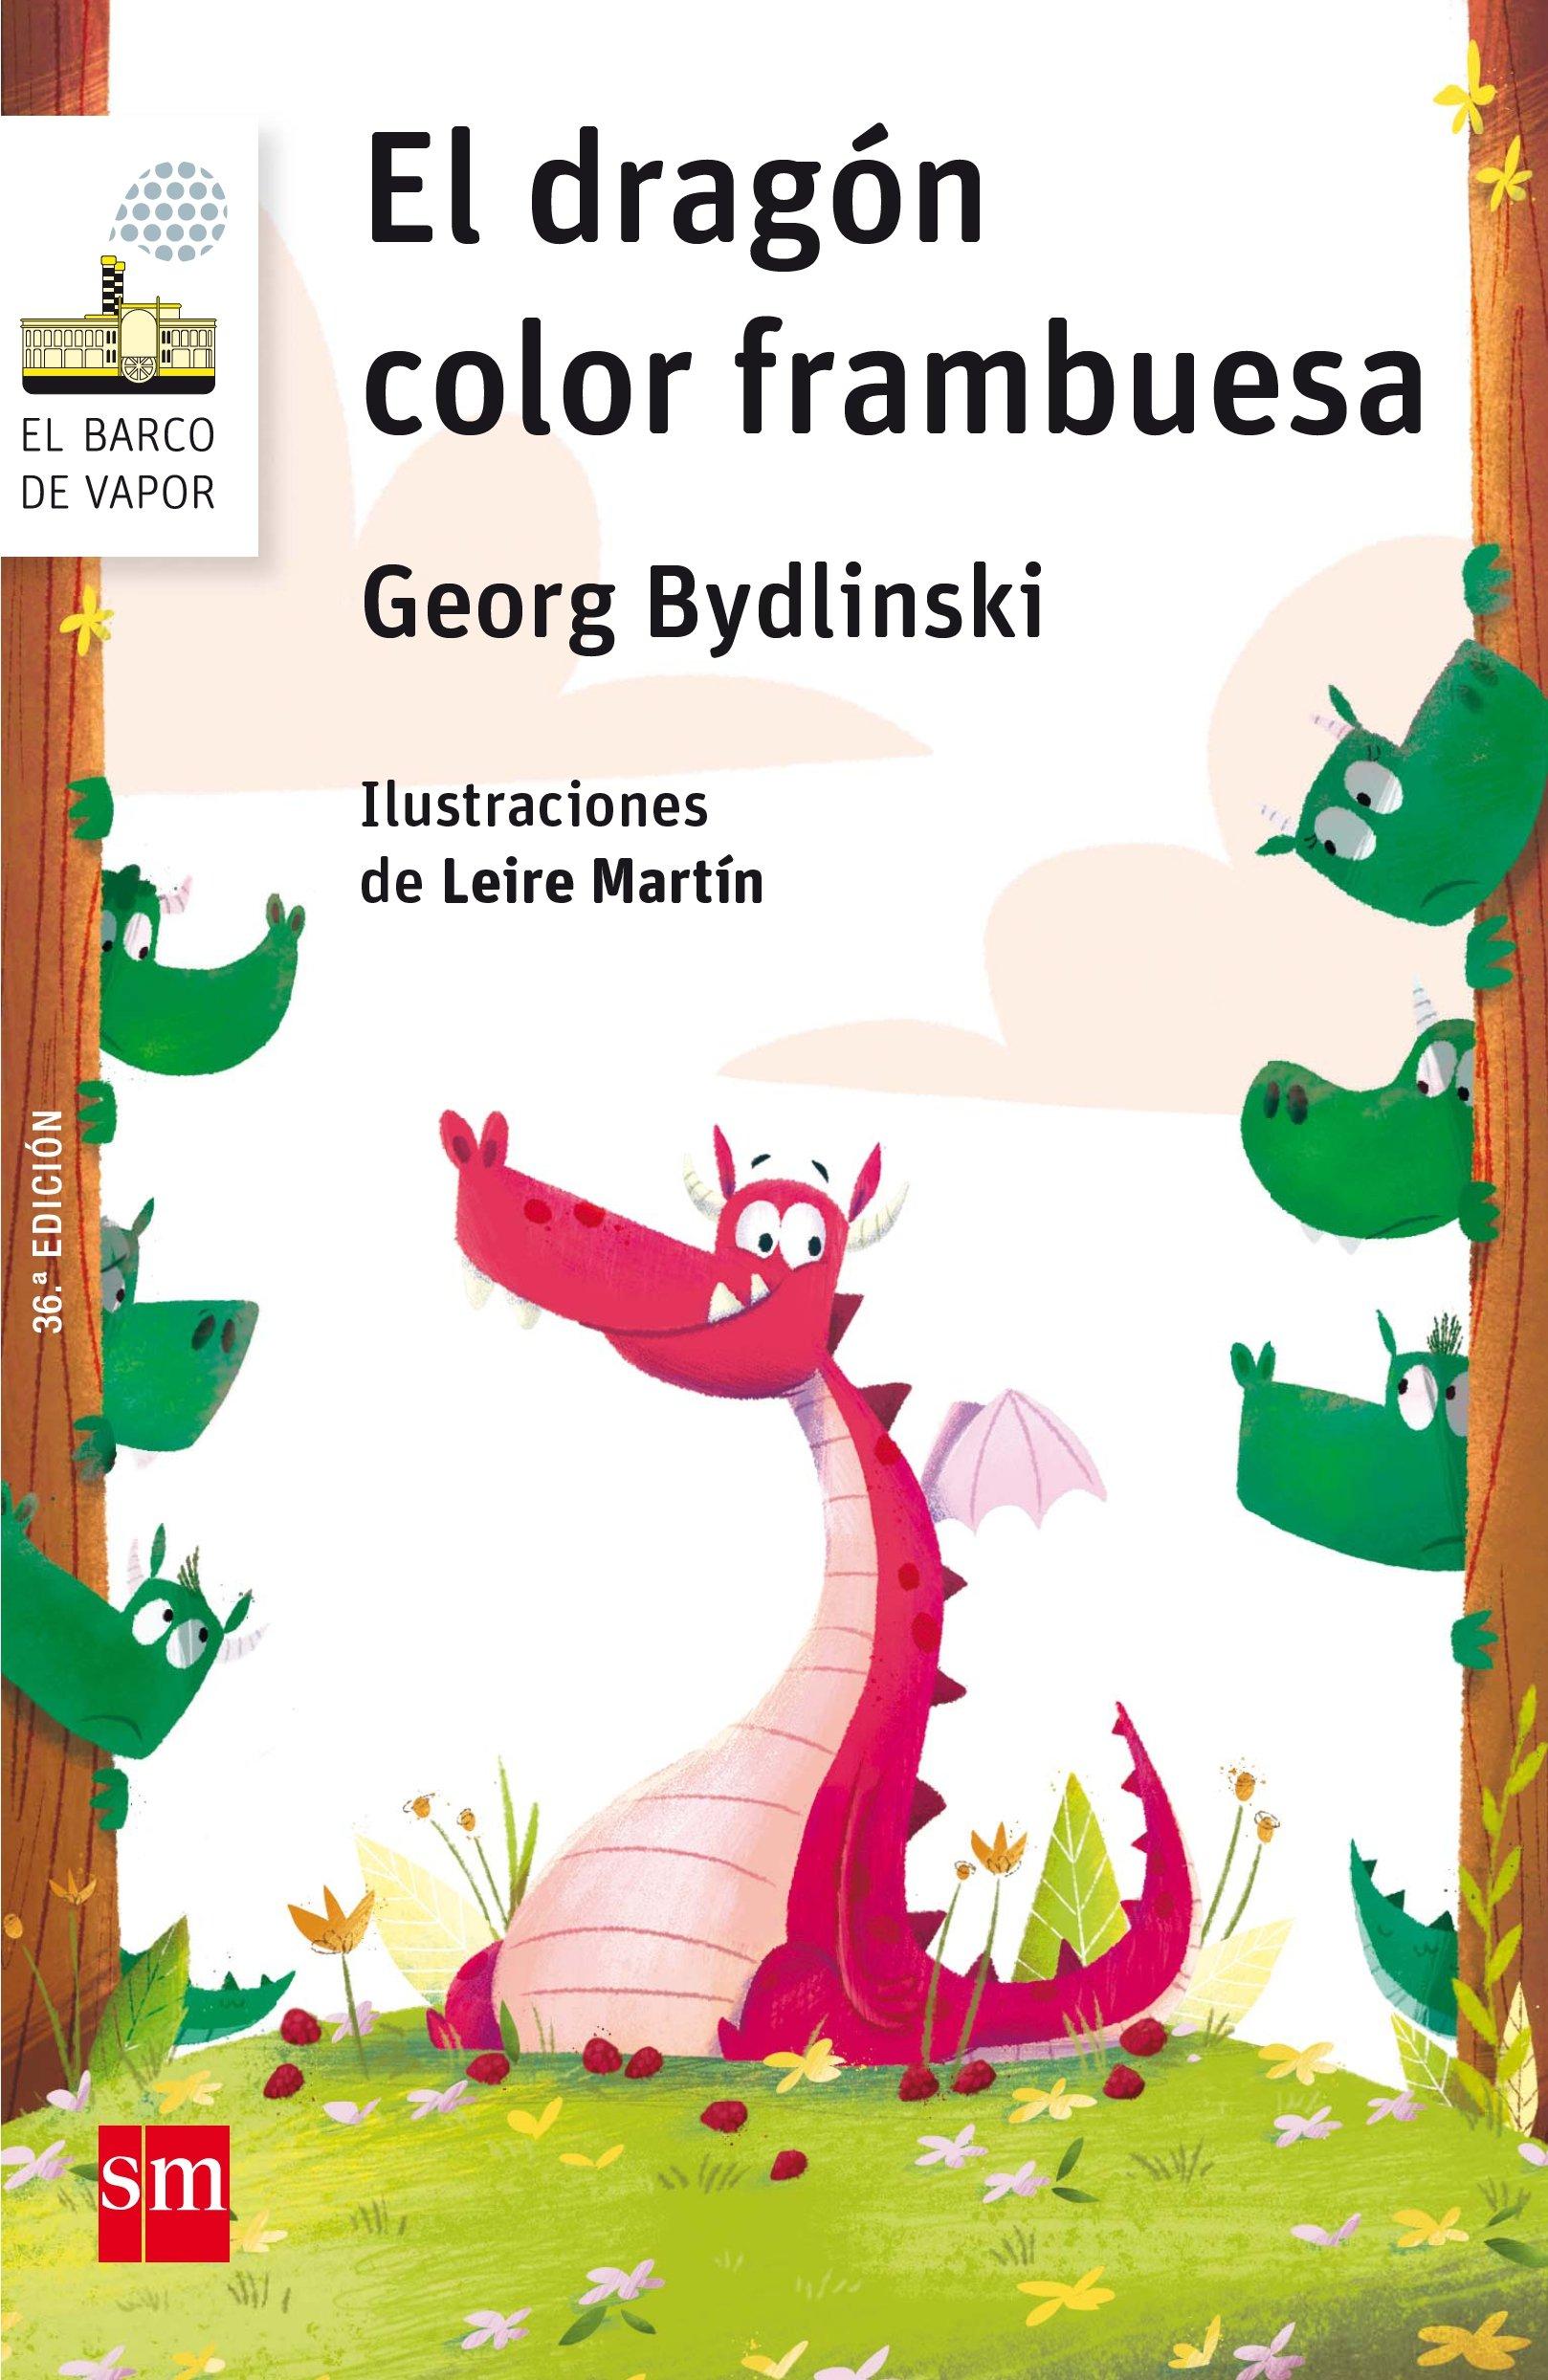 El dragón color frambuesa (El Barco de Vapor Blanca): Amazon.es: Georg  Bydlinski, Leire Martín, Marinella Terzi: Libros